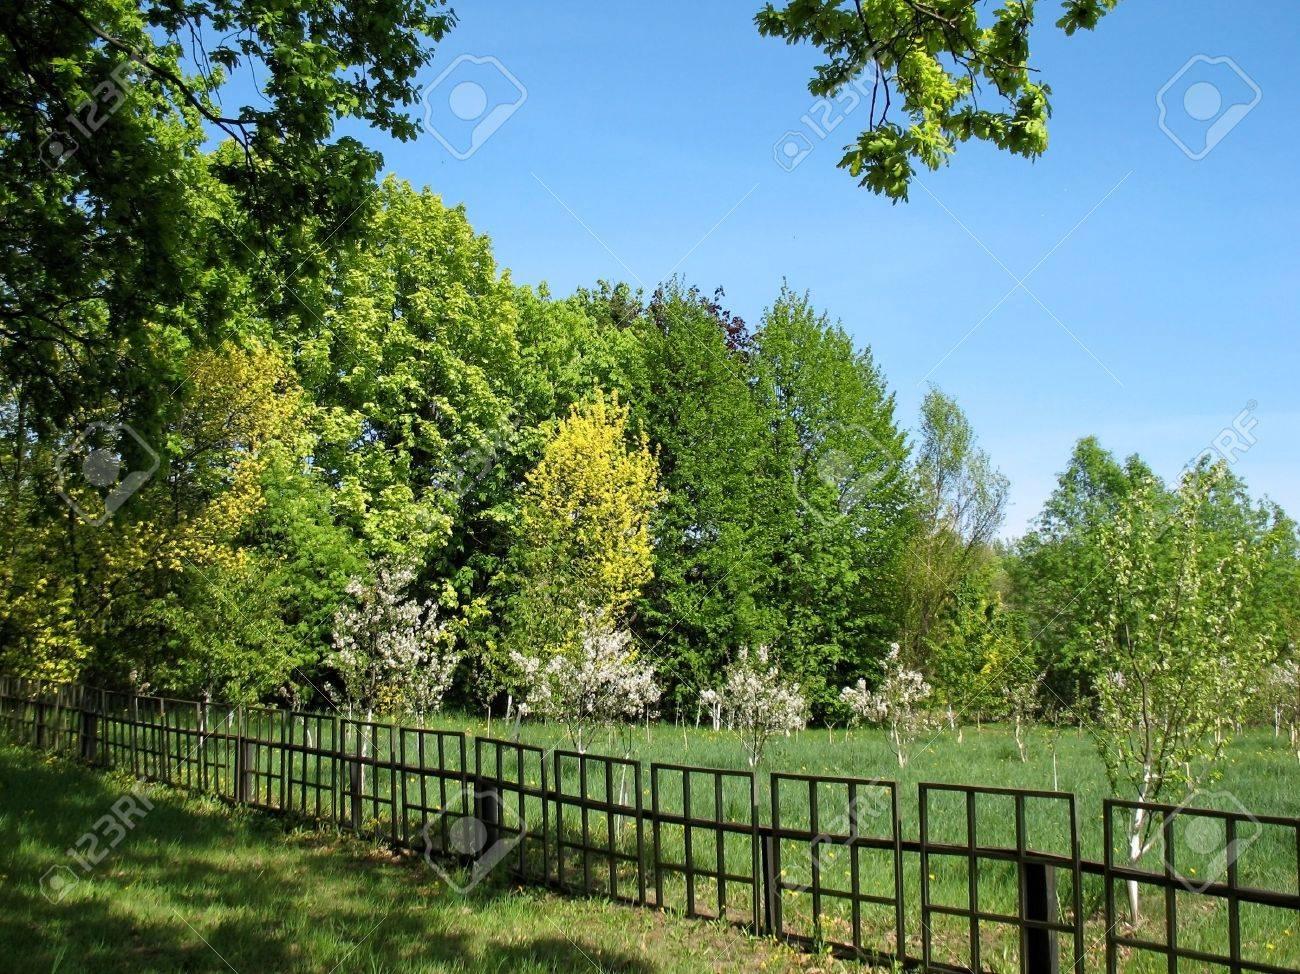 Grandi Alberi Da Giardini il giovane fiore giardino è recintato da un recinto. su una distanza di  tiro i grandi alberi decidui. un giardino botanico, minsk, bielorussia.